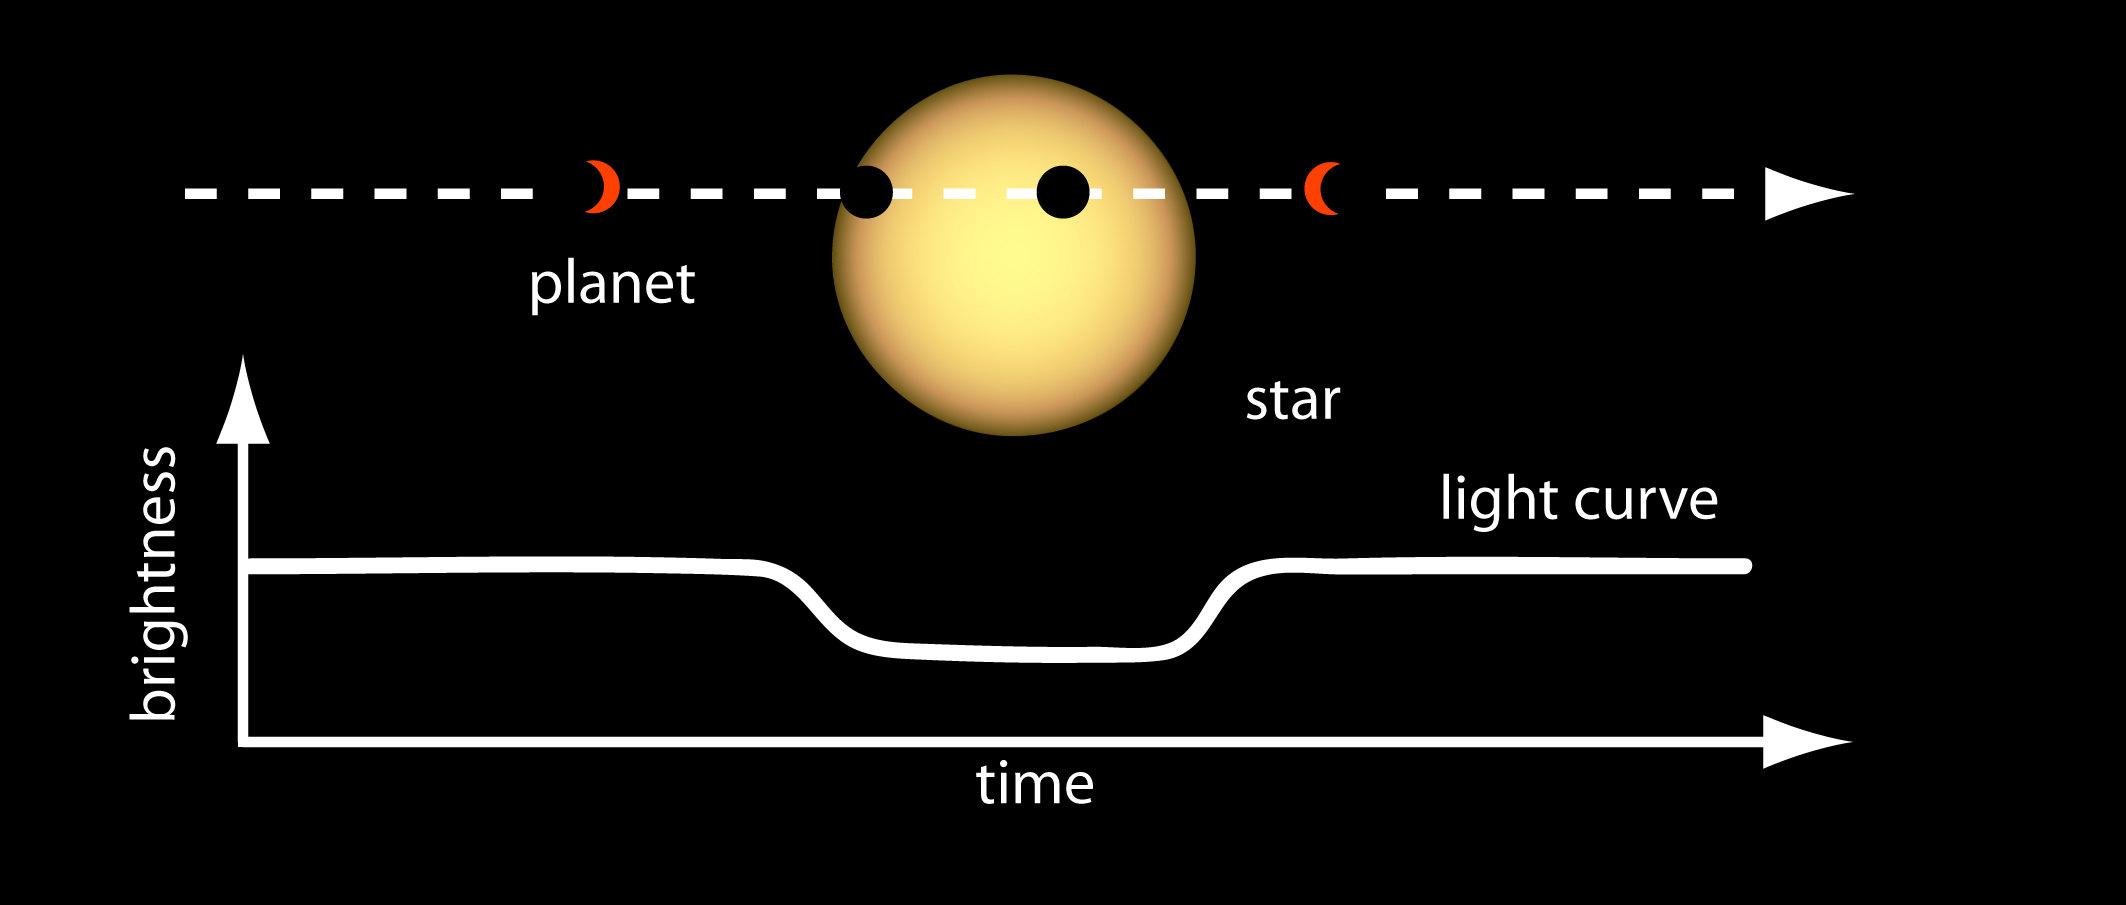 Подпись: «Кеплер» обнаруживал планету, проходящую между ее звездой исамим телескопом, попутно попадению светимости звезды выясняя радиус планеты